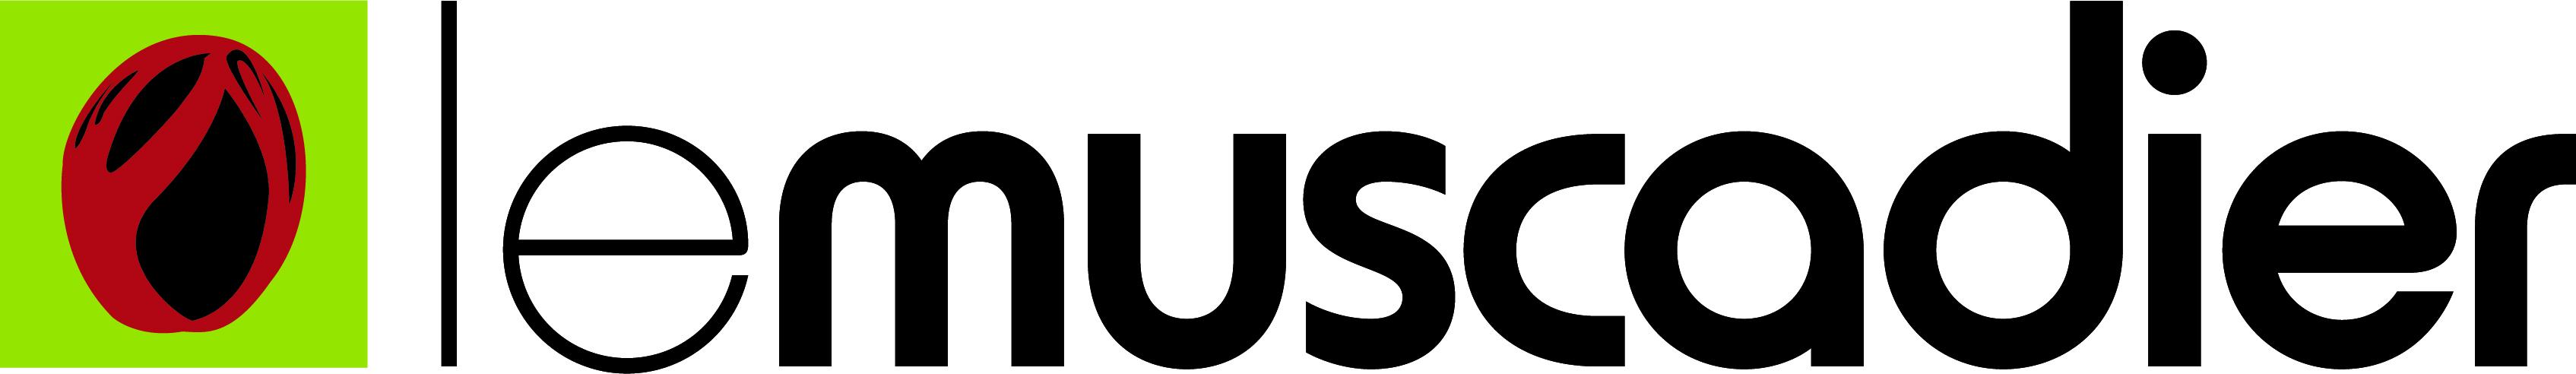 """Résultat de recherche d'images pour """"logo le muscadier"""""""